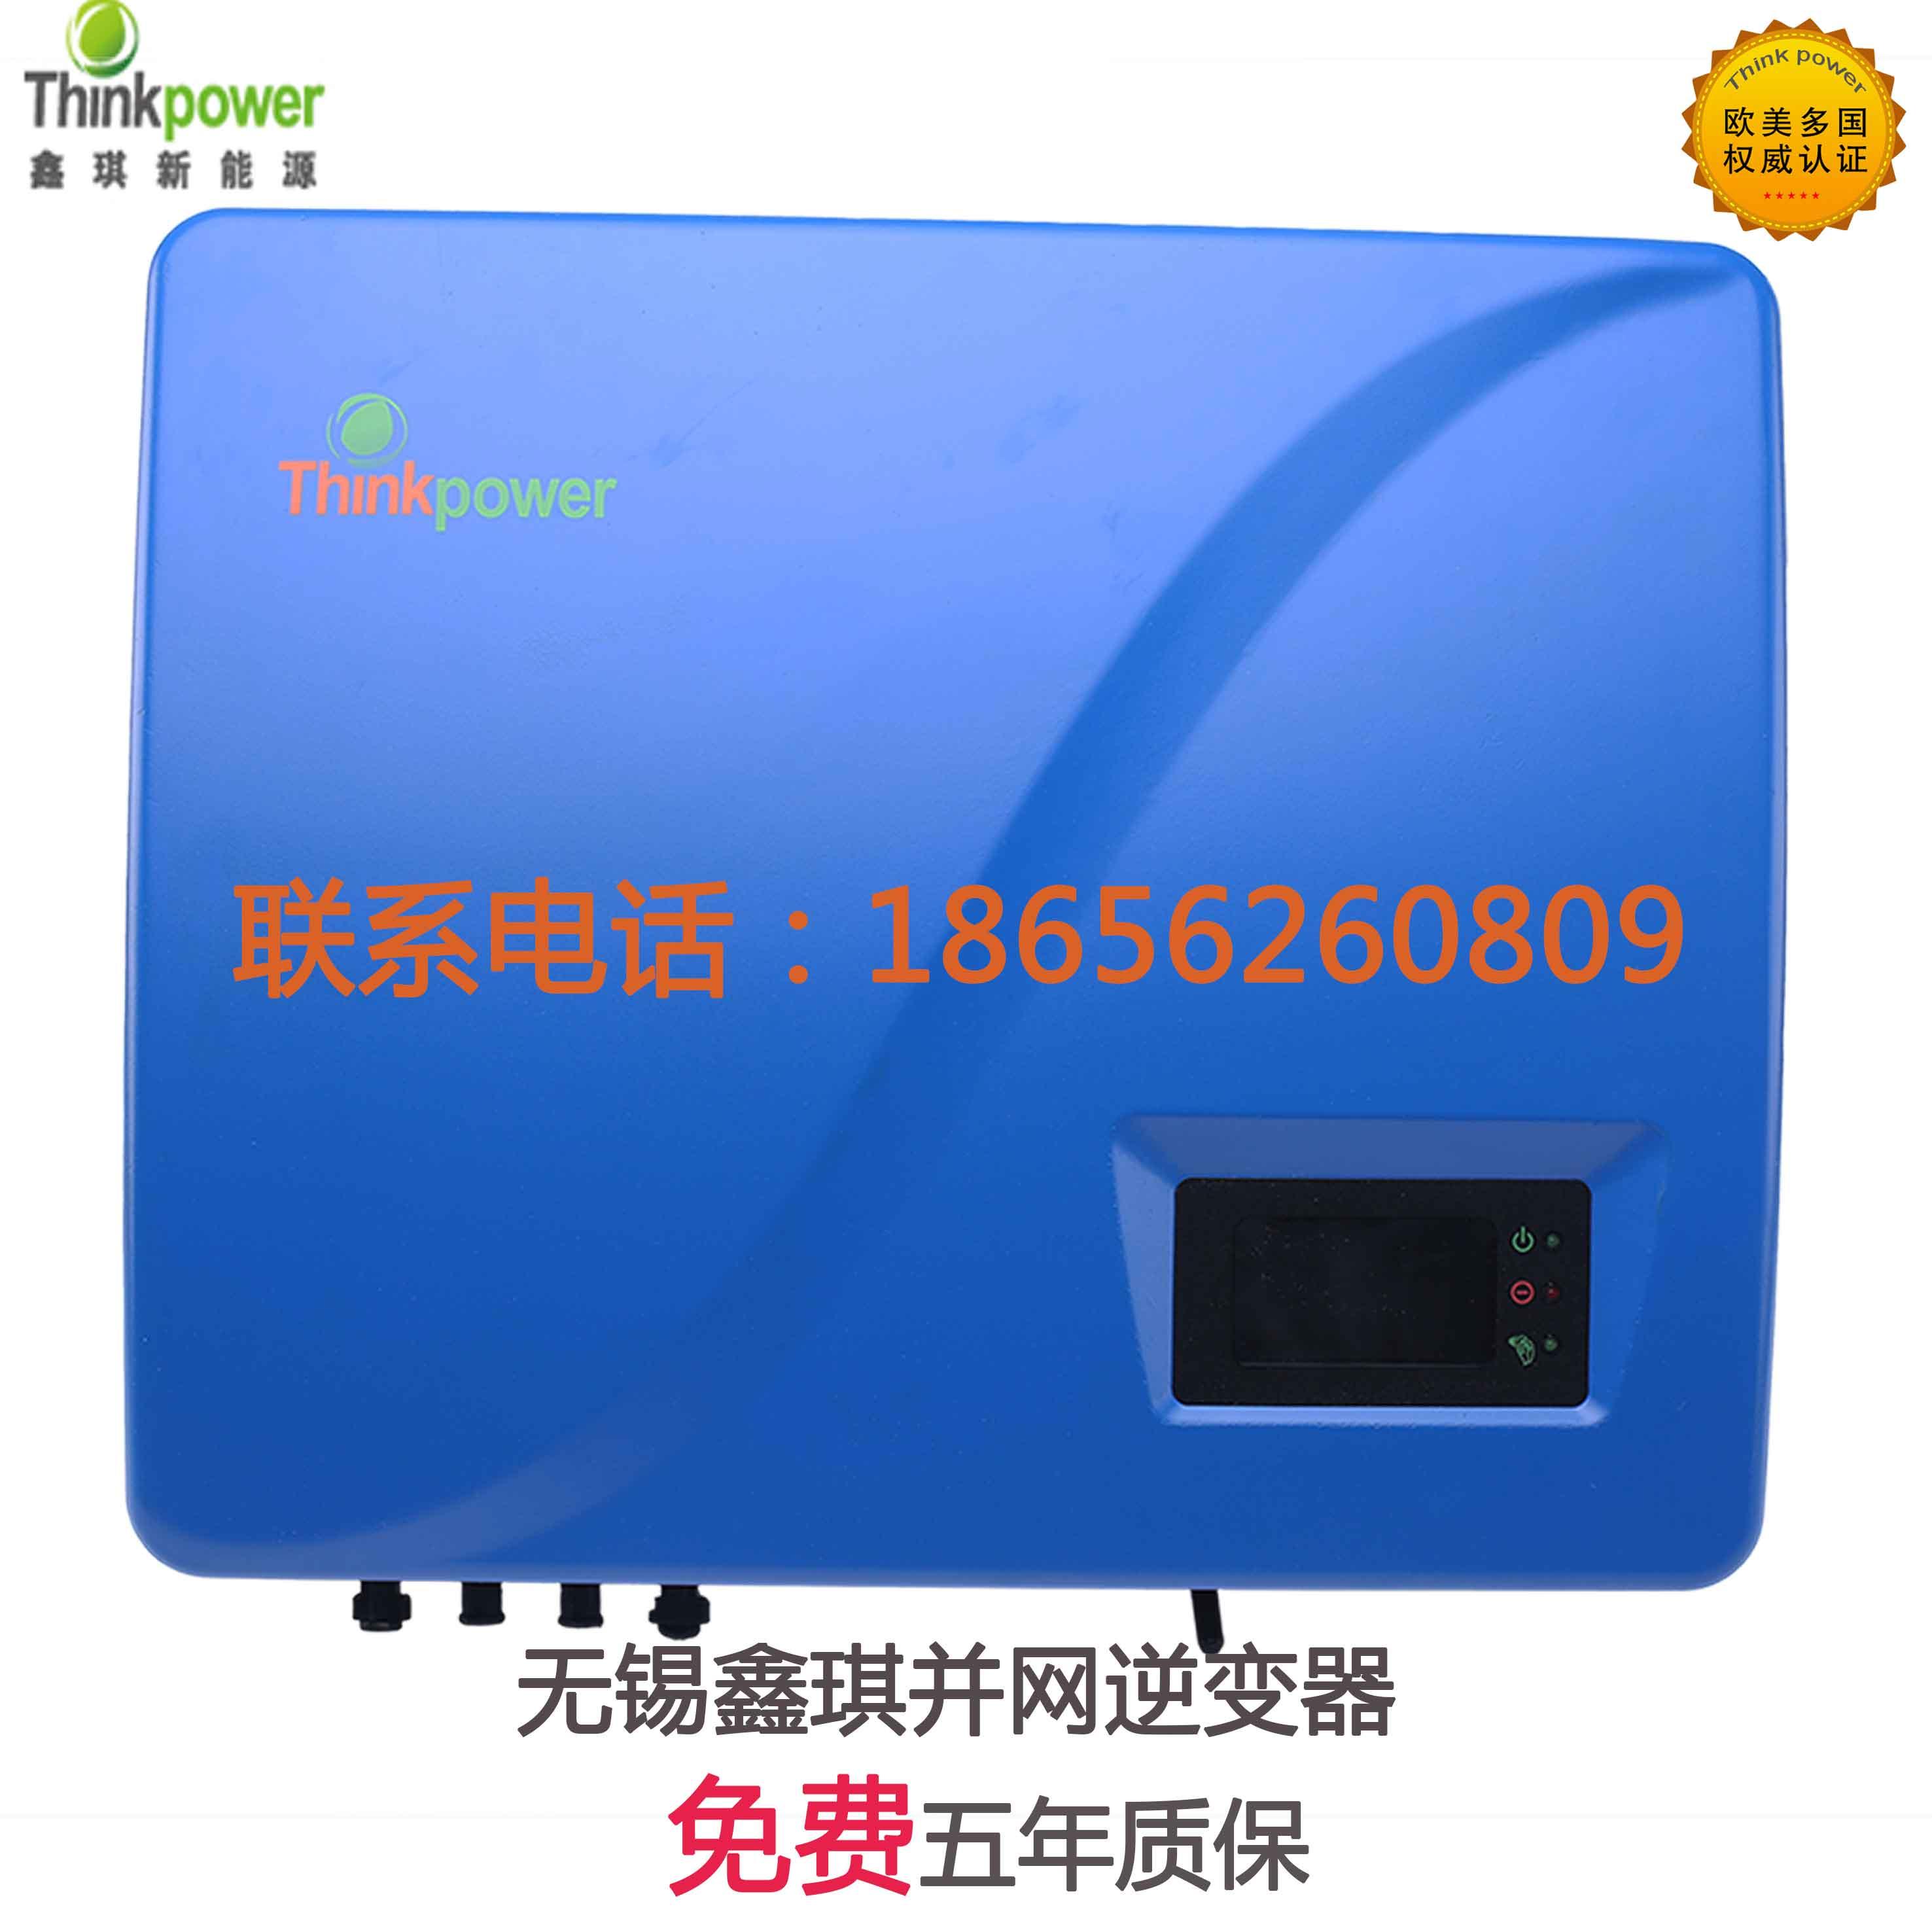 鑫琪 5kw光伏并网逆变器 太阳能 带WIFI可远程监控